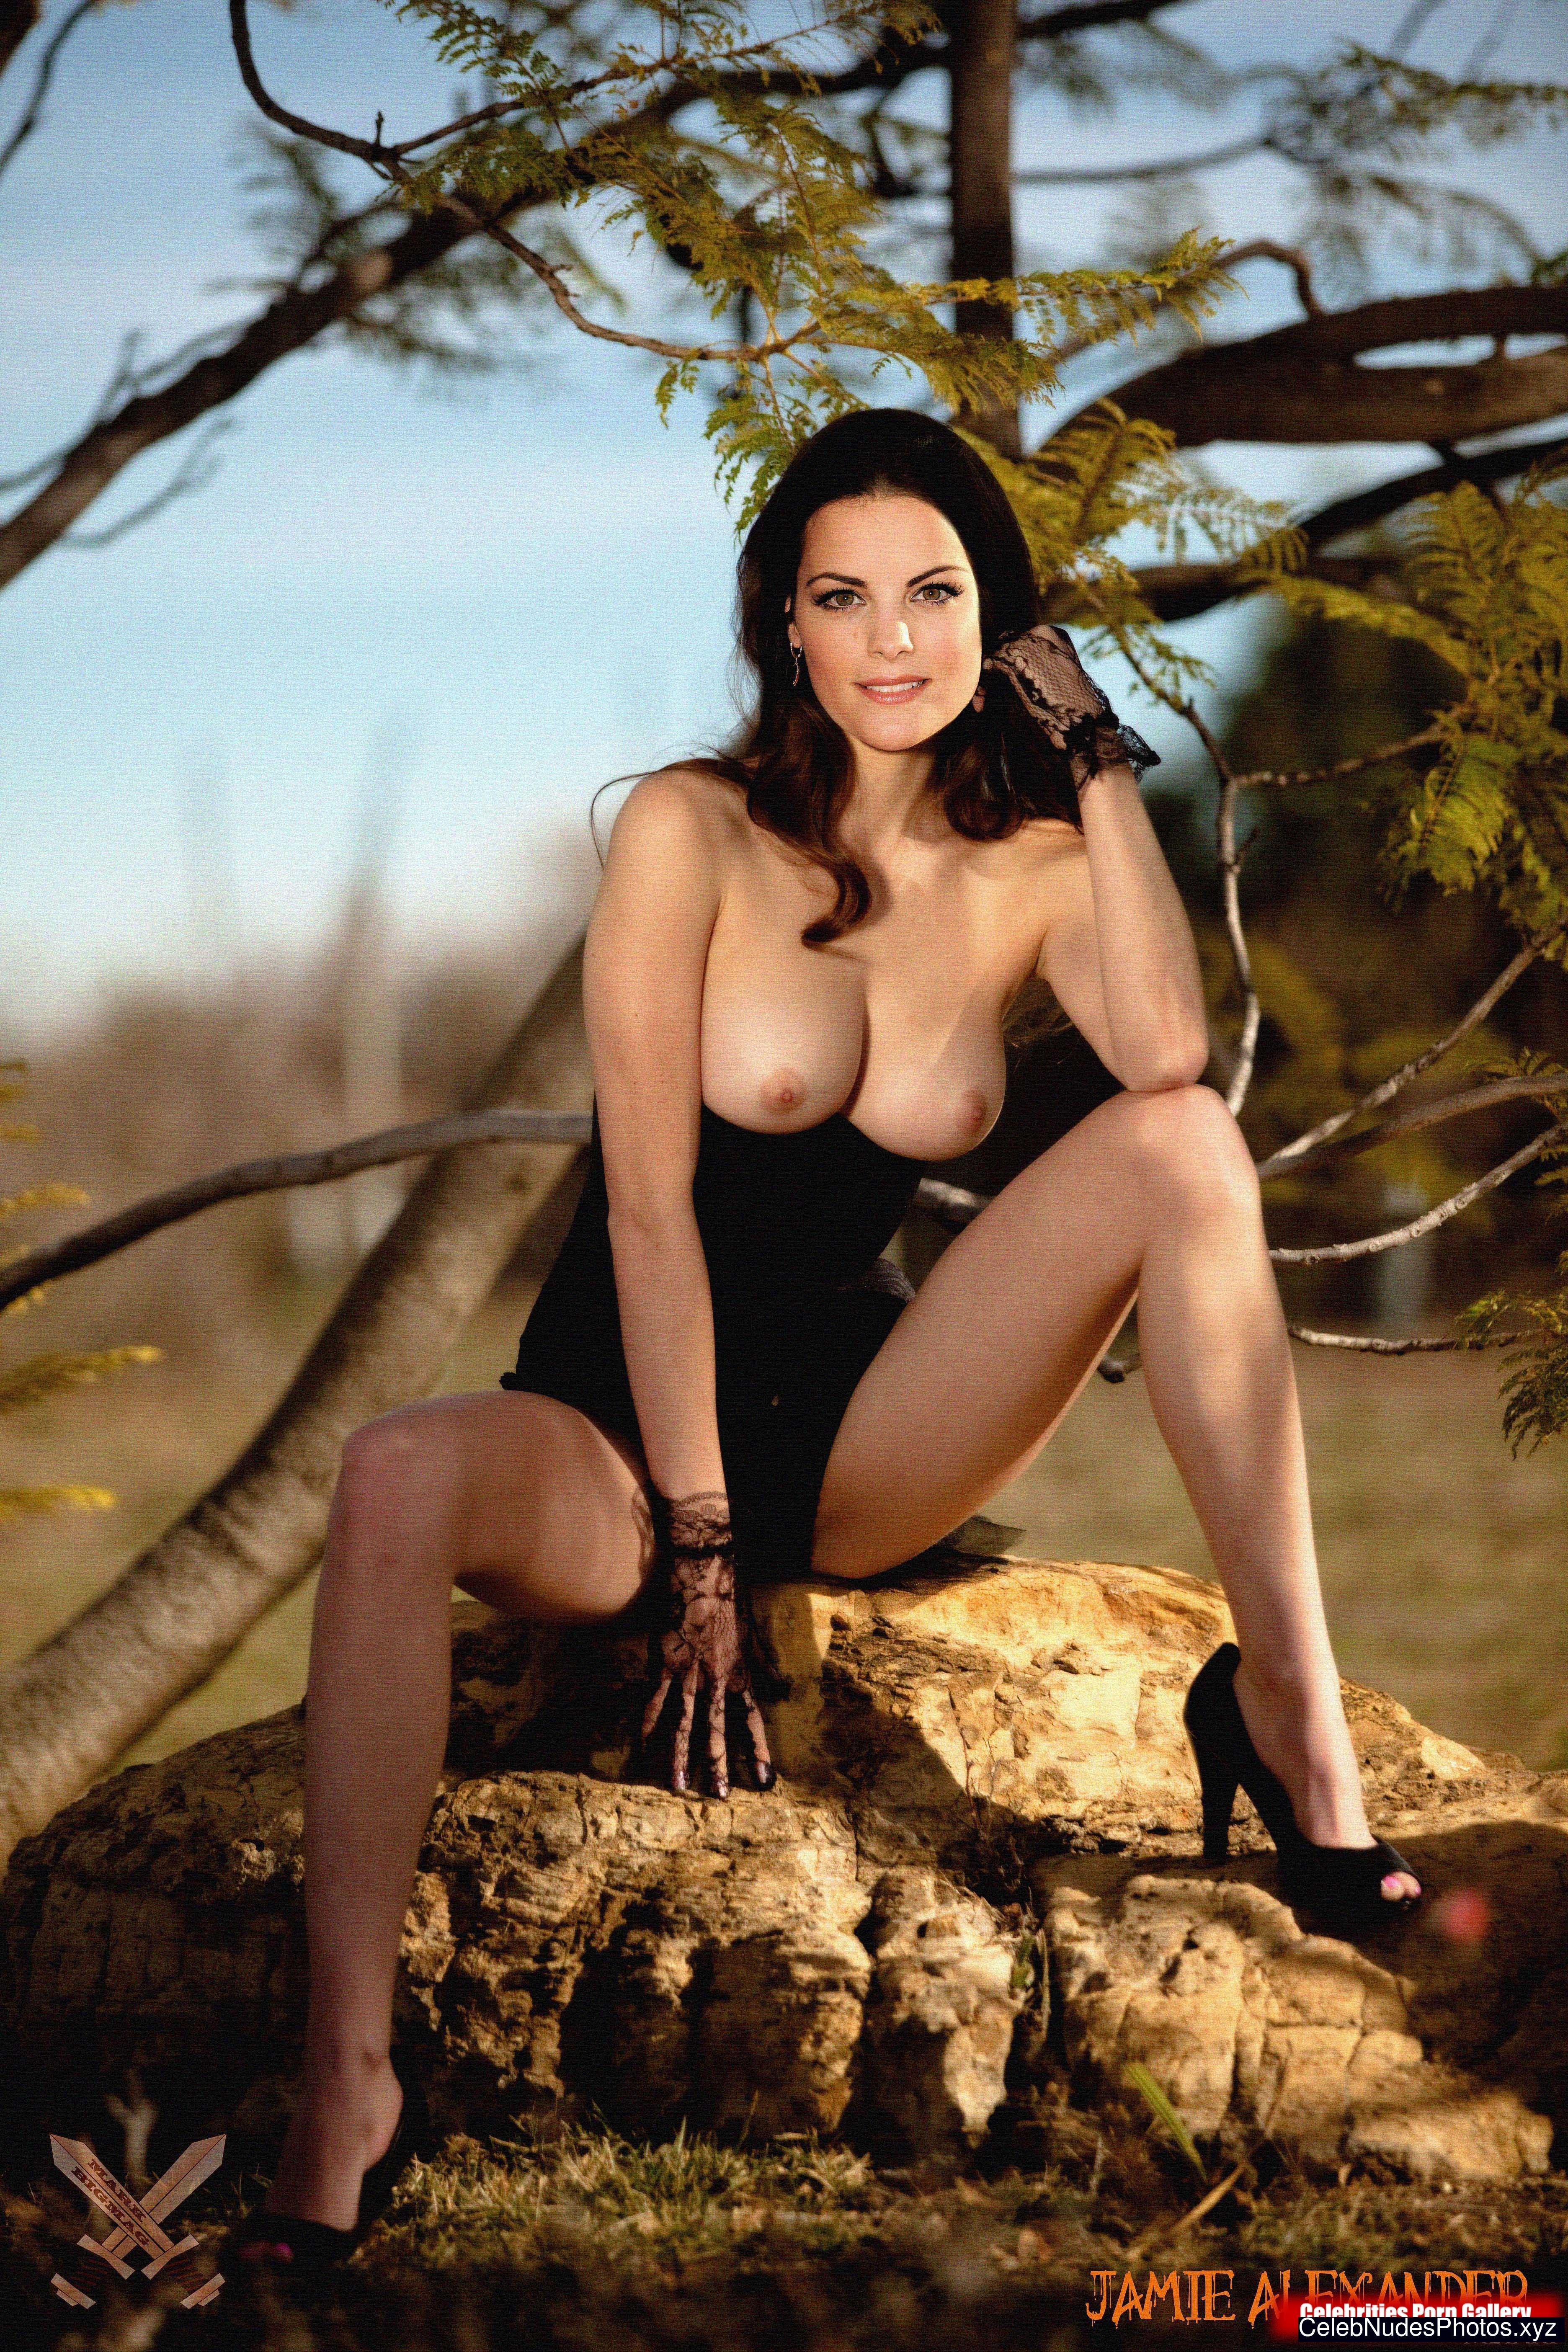 Jaimie Alexander free nude celebrities - Celeb Nudes Photos